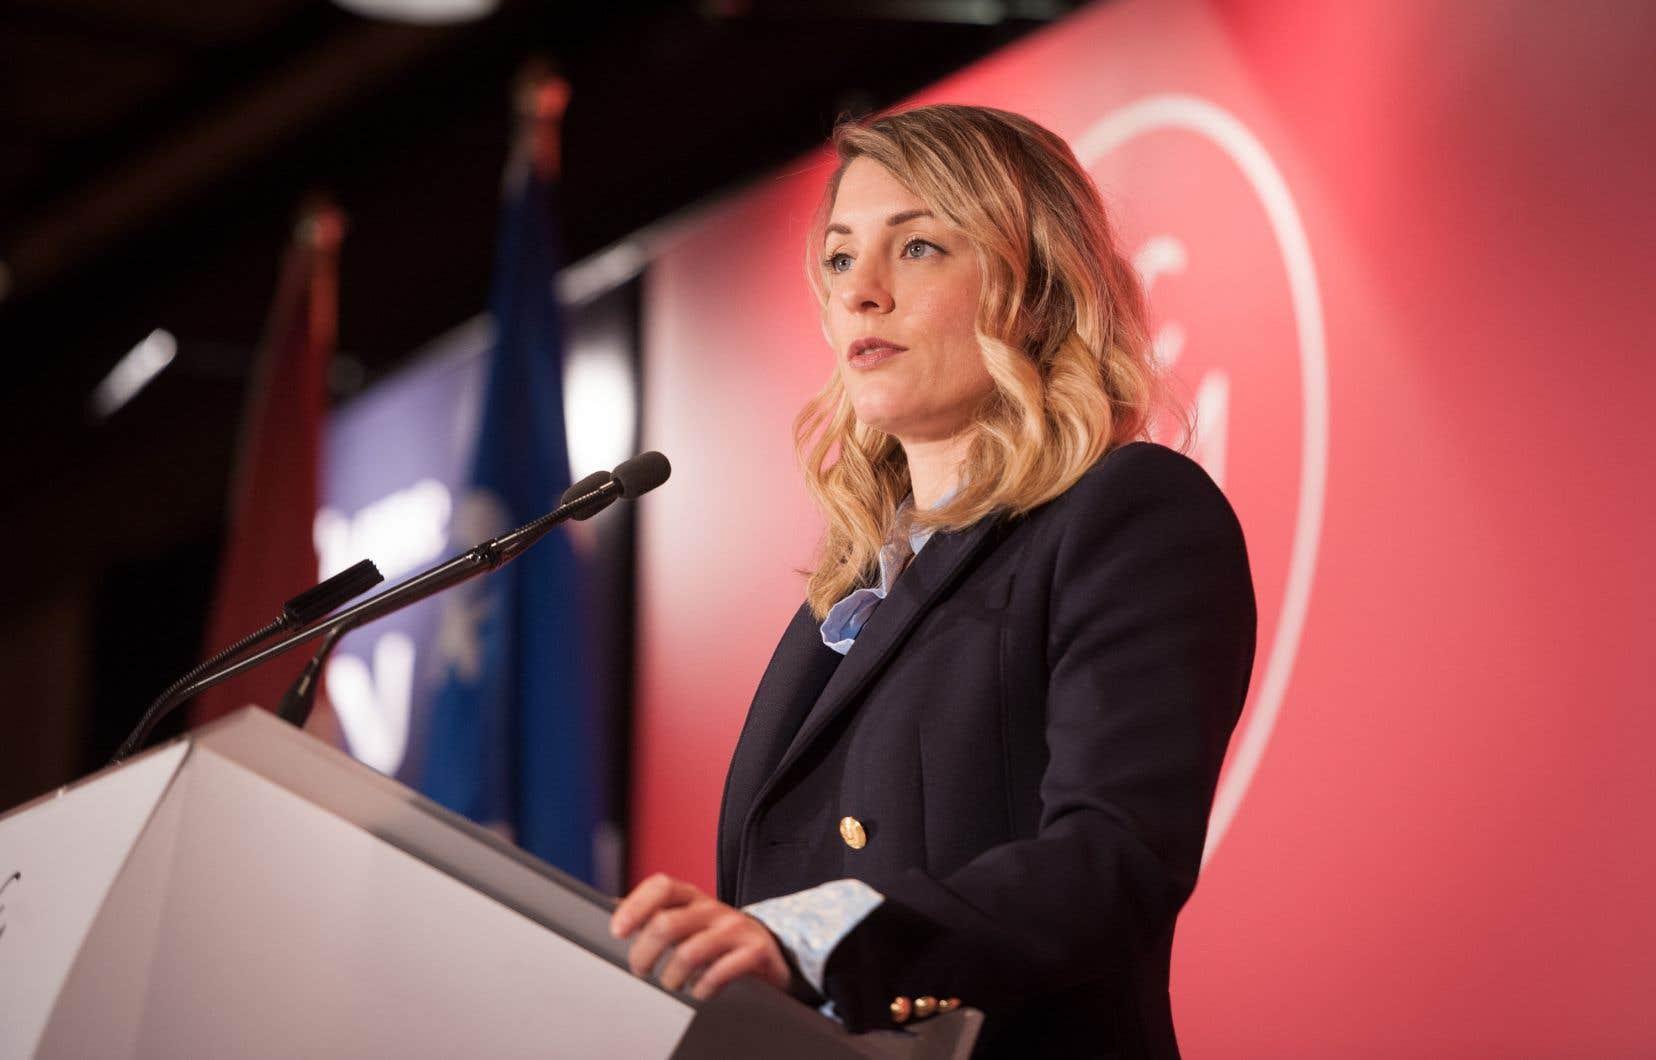 La ministre du Patrimoine canadien, Mélanie Joly, a donné au CRTC jusqu'au 1er juillet pour soumettre un rapport au cabinet évaluant l'avenir du système de télédistribution et suggérant comment appuyer le contenu canadien.